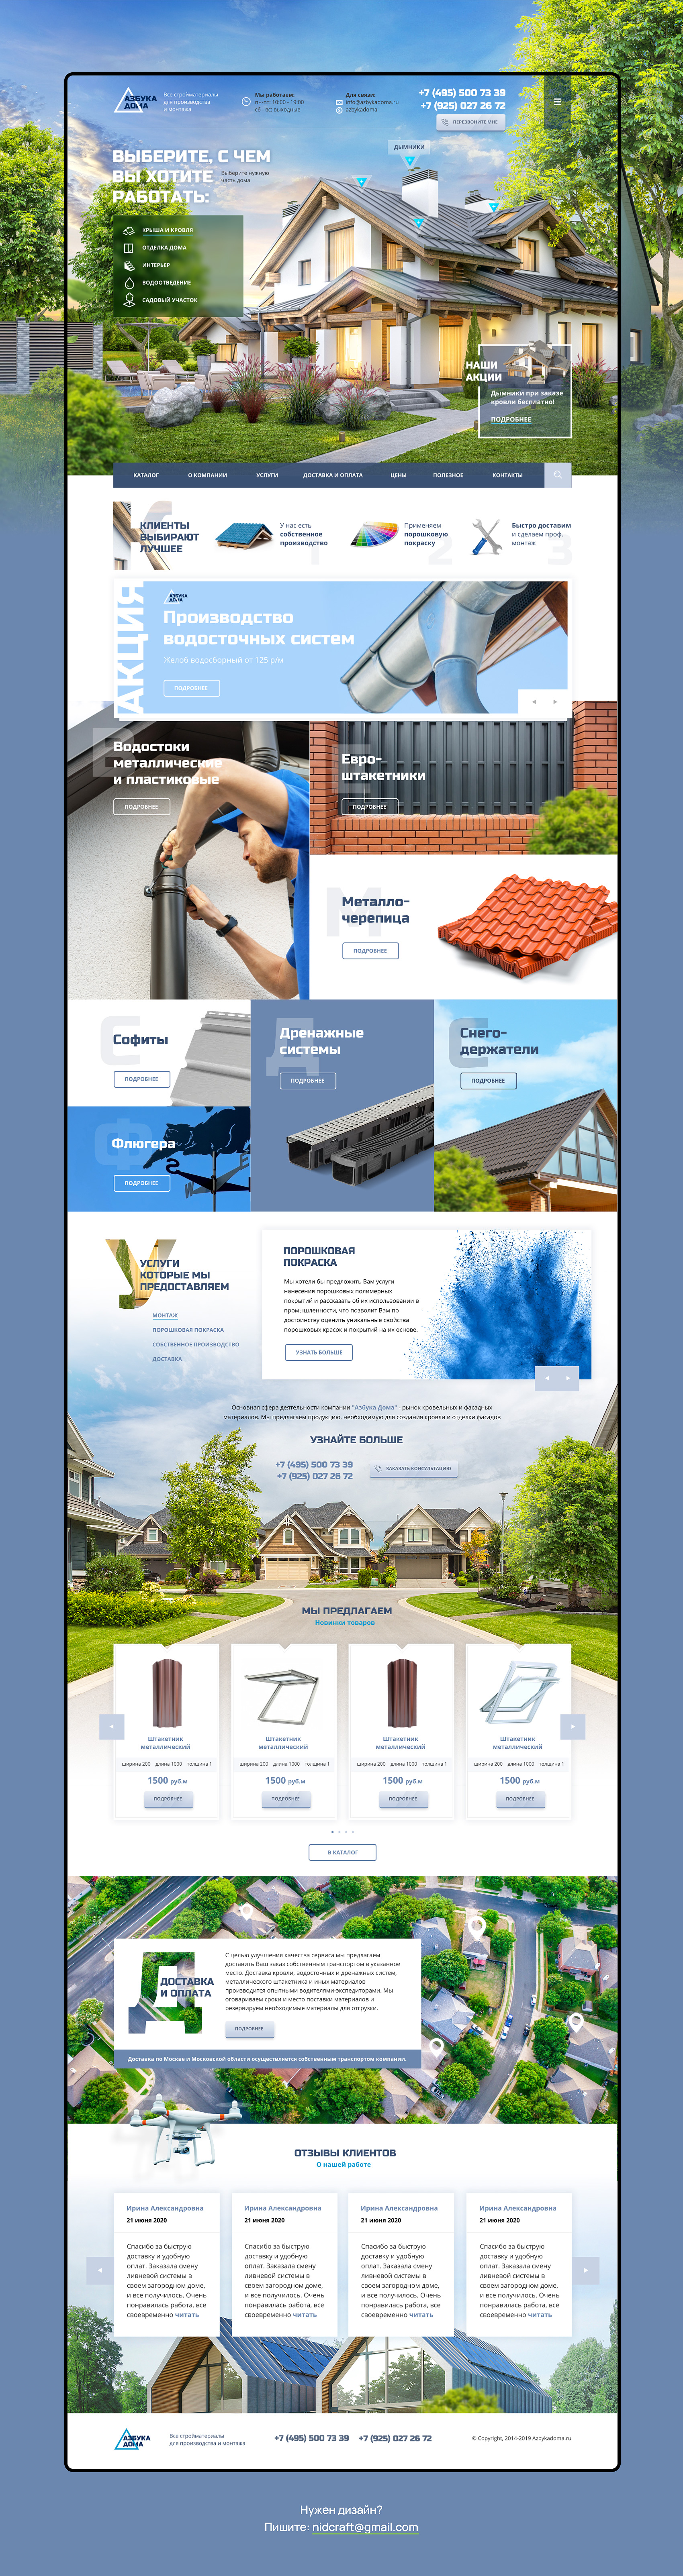 Дизайн интернет-магазина товаров для ремонта и строительства